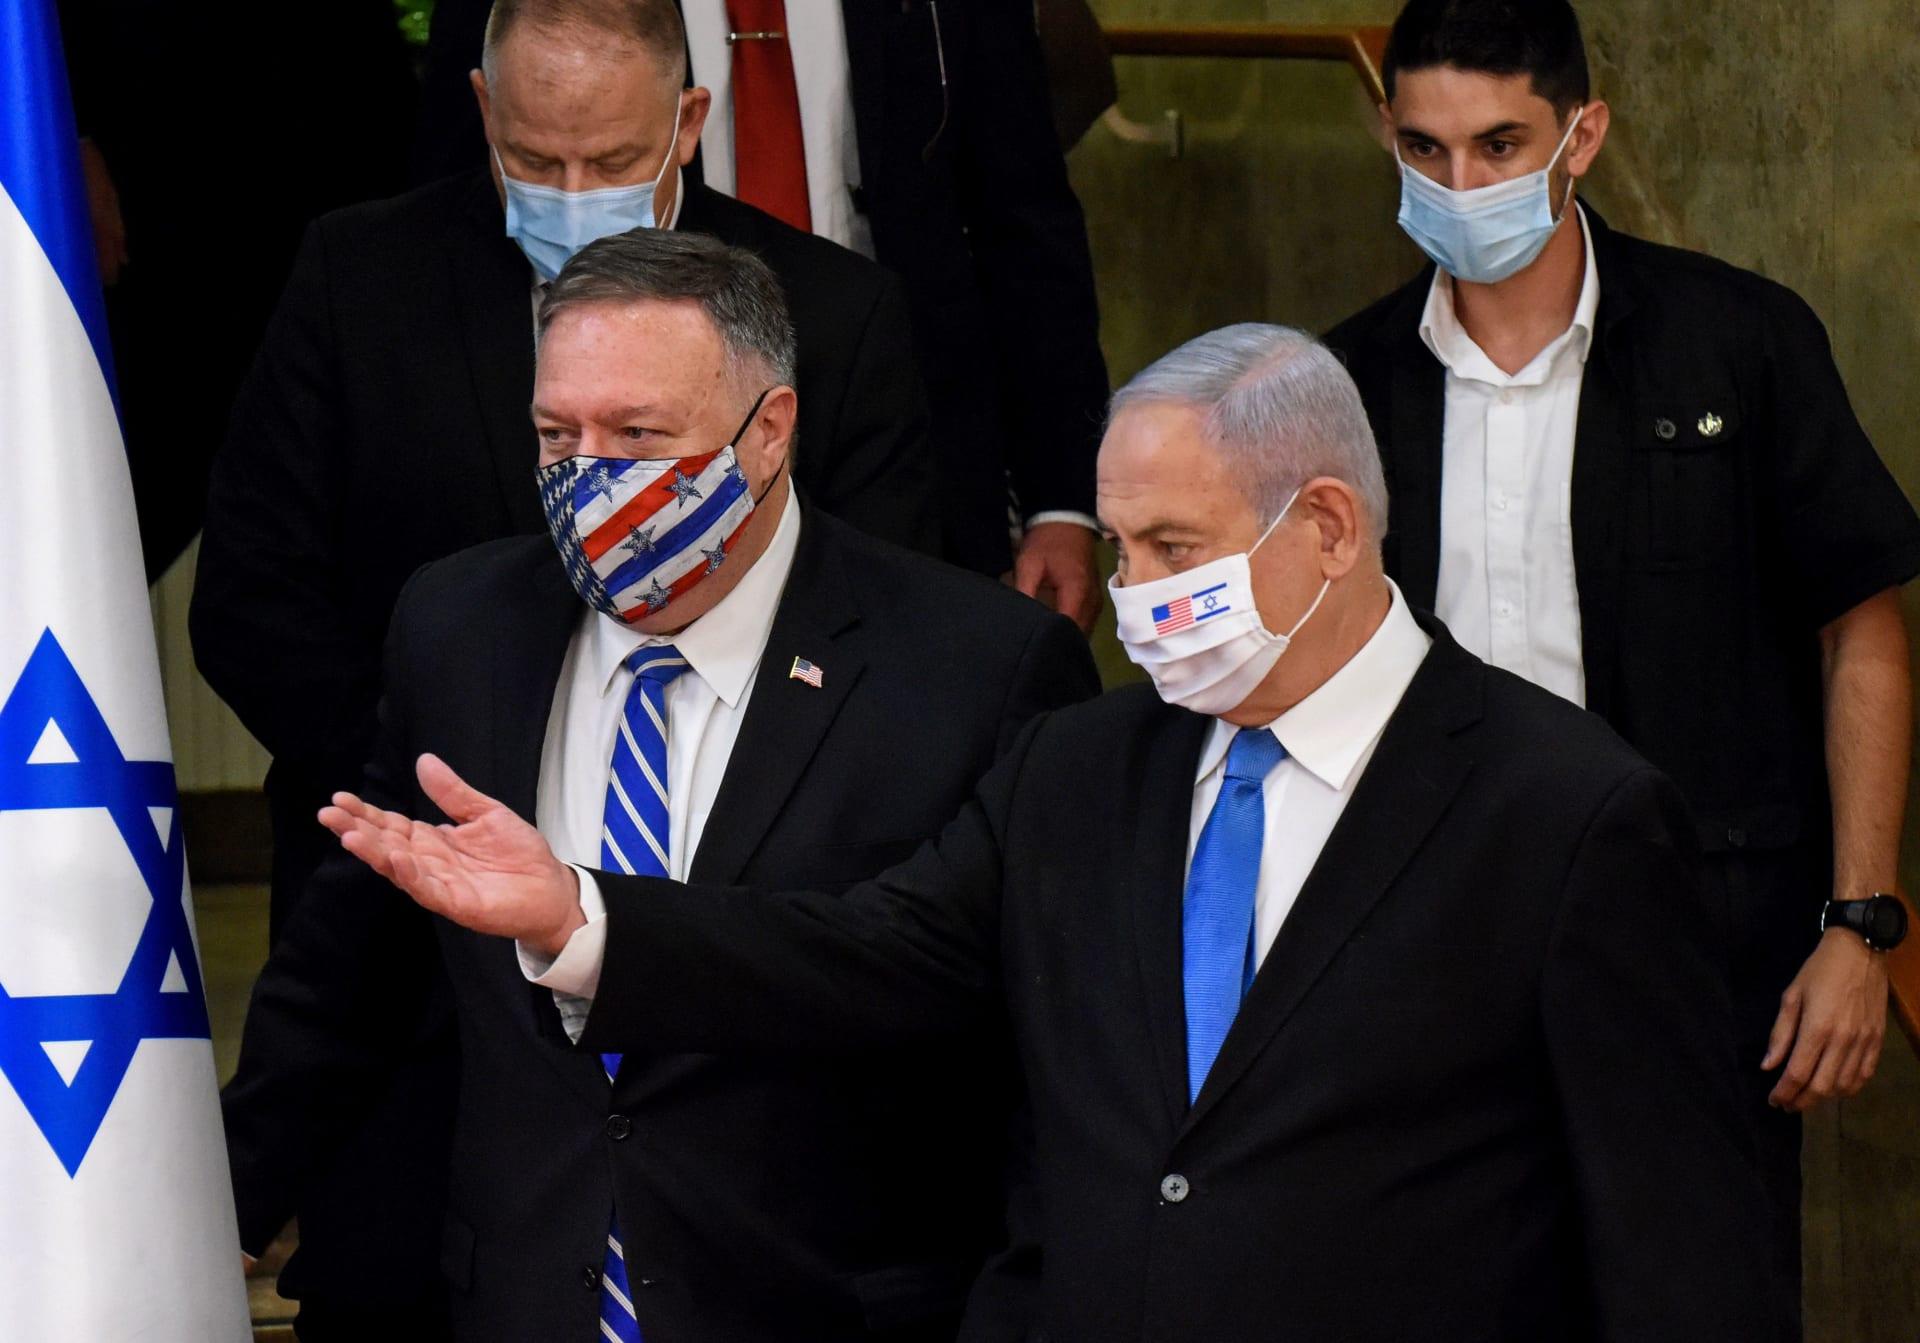 رئيس الوزراء الإسرائيلي بنيامين نتنياهو يستقبل وزير الخارجية الأمريكي مايك بومبيو